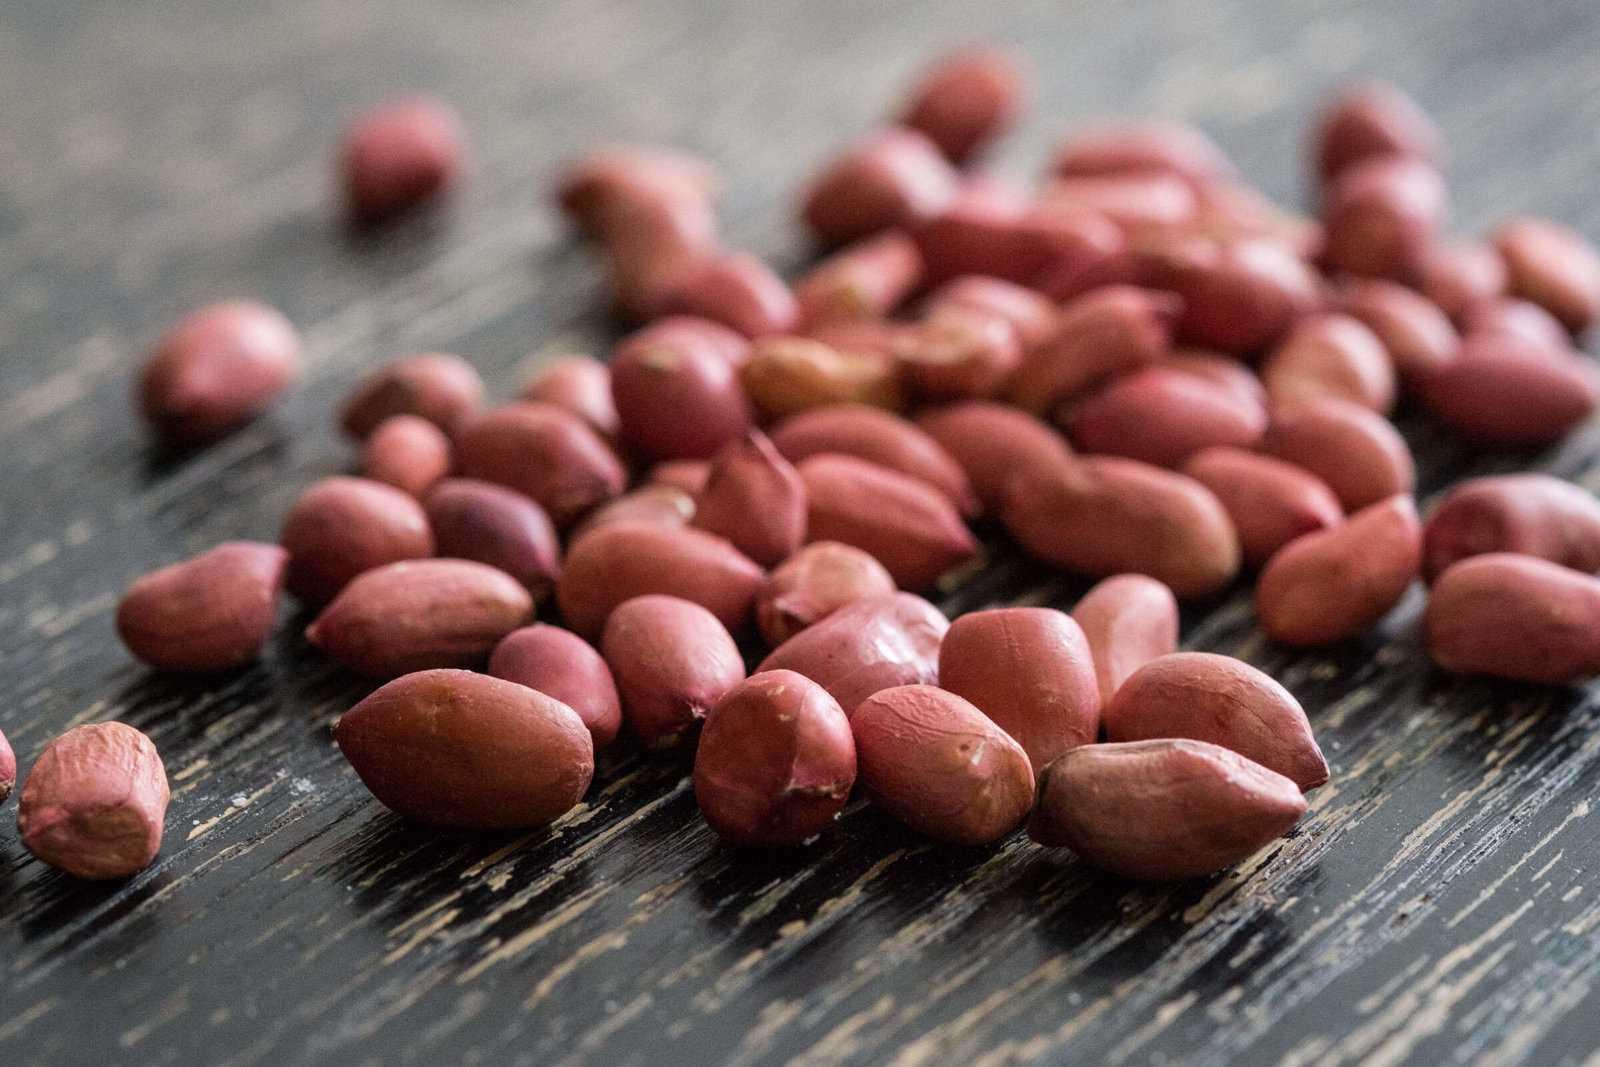 Арахис – вред и польза для организма человека, свойства сырого и жареного, соленого и сладкого